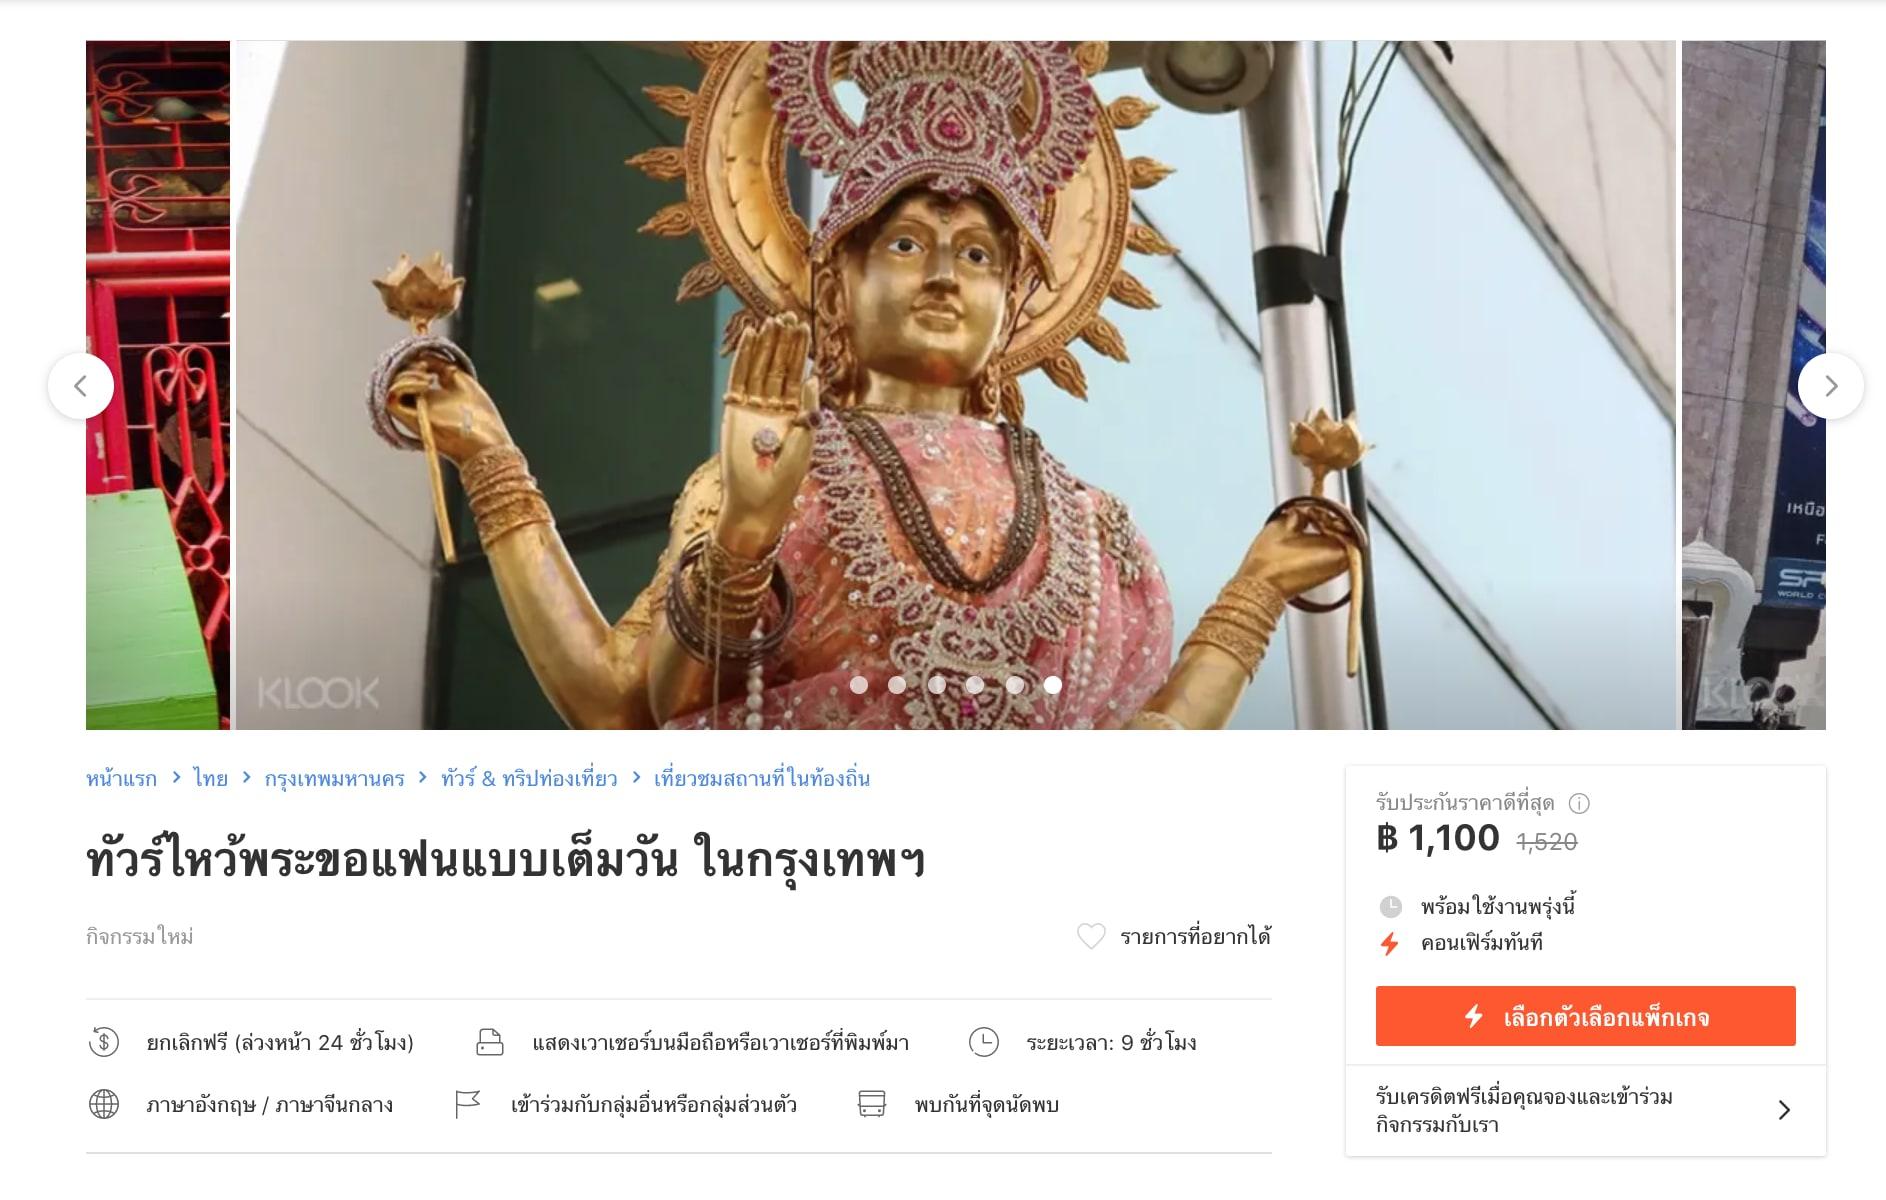 eat-pray-love-bangkok